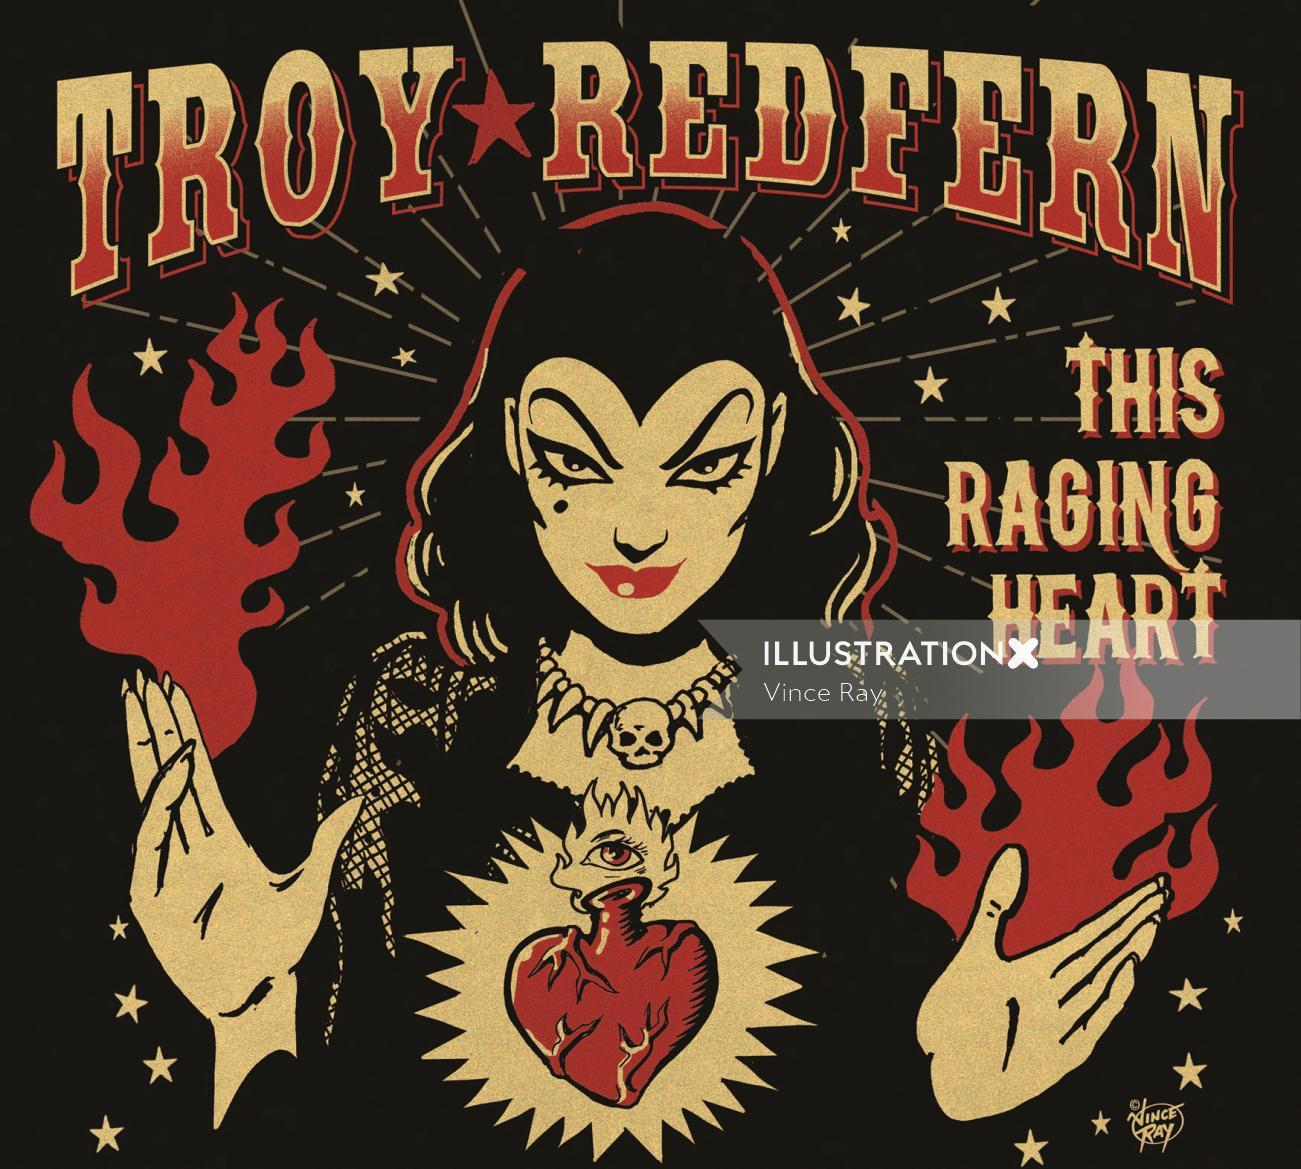 Poster design of Troy Redfern